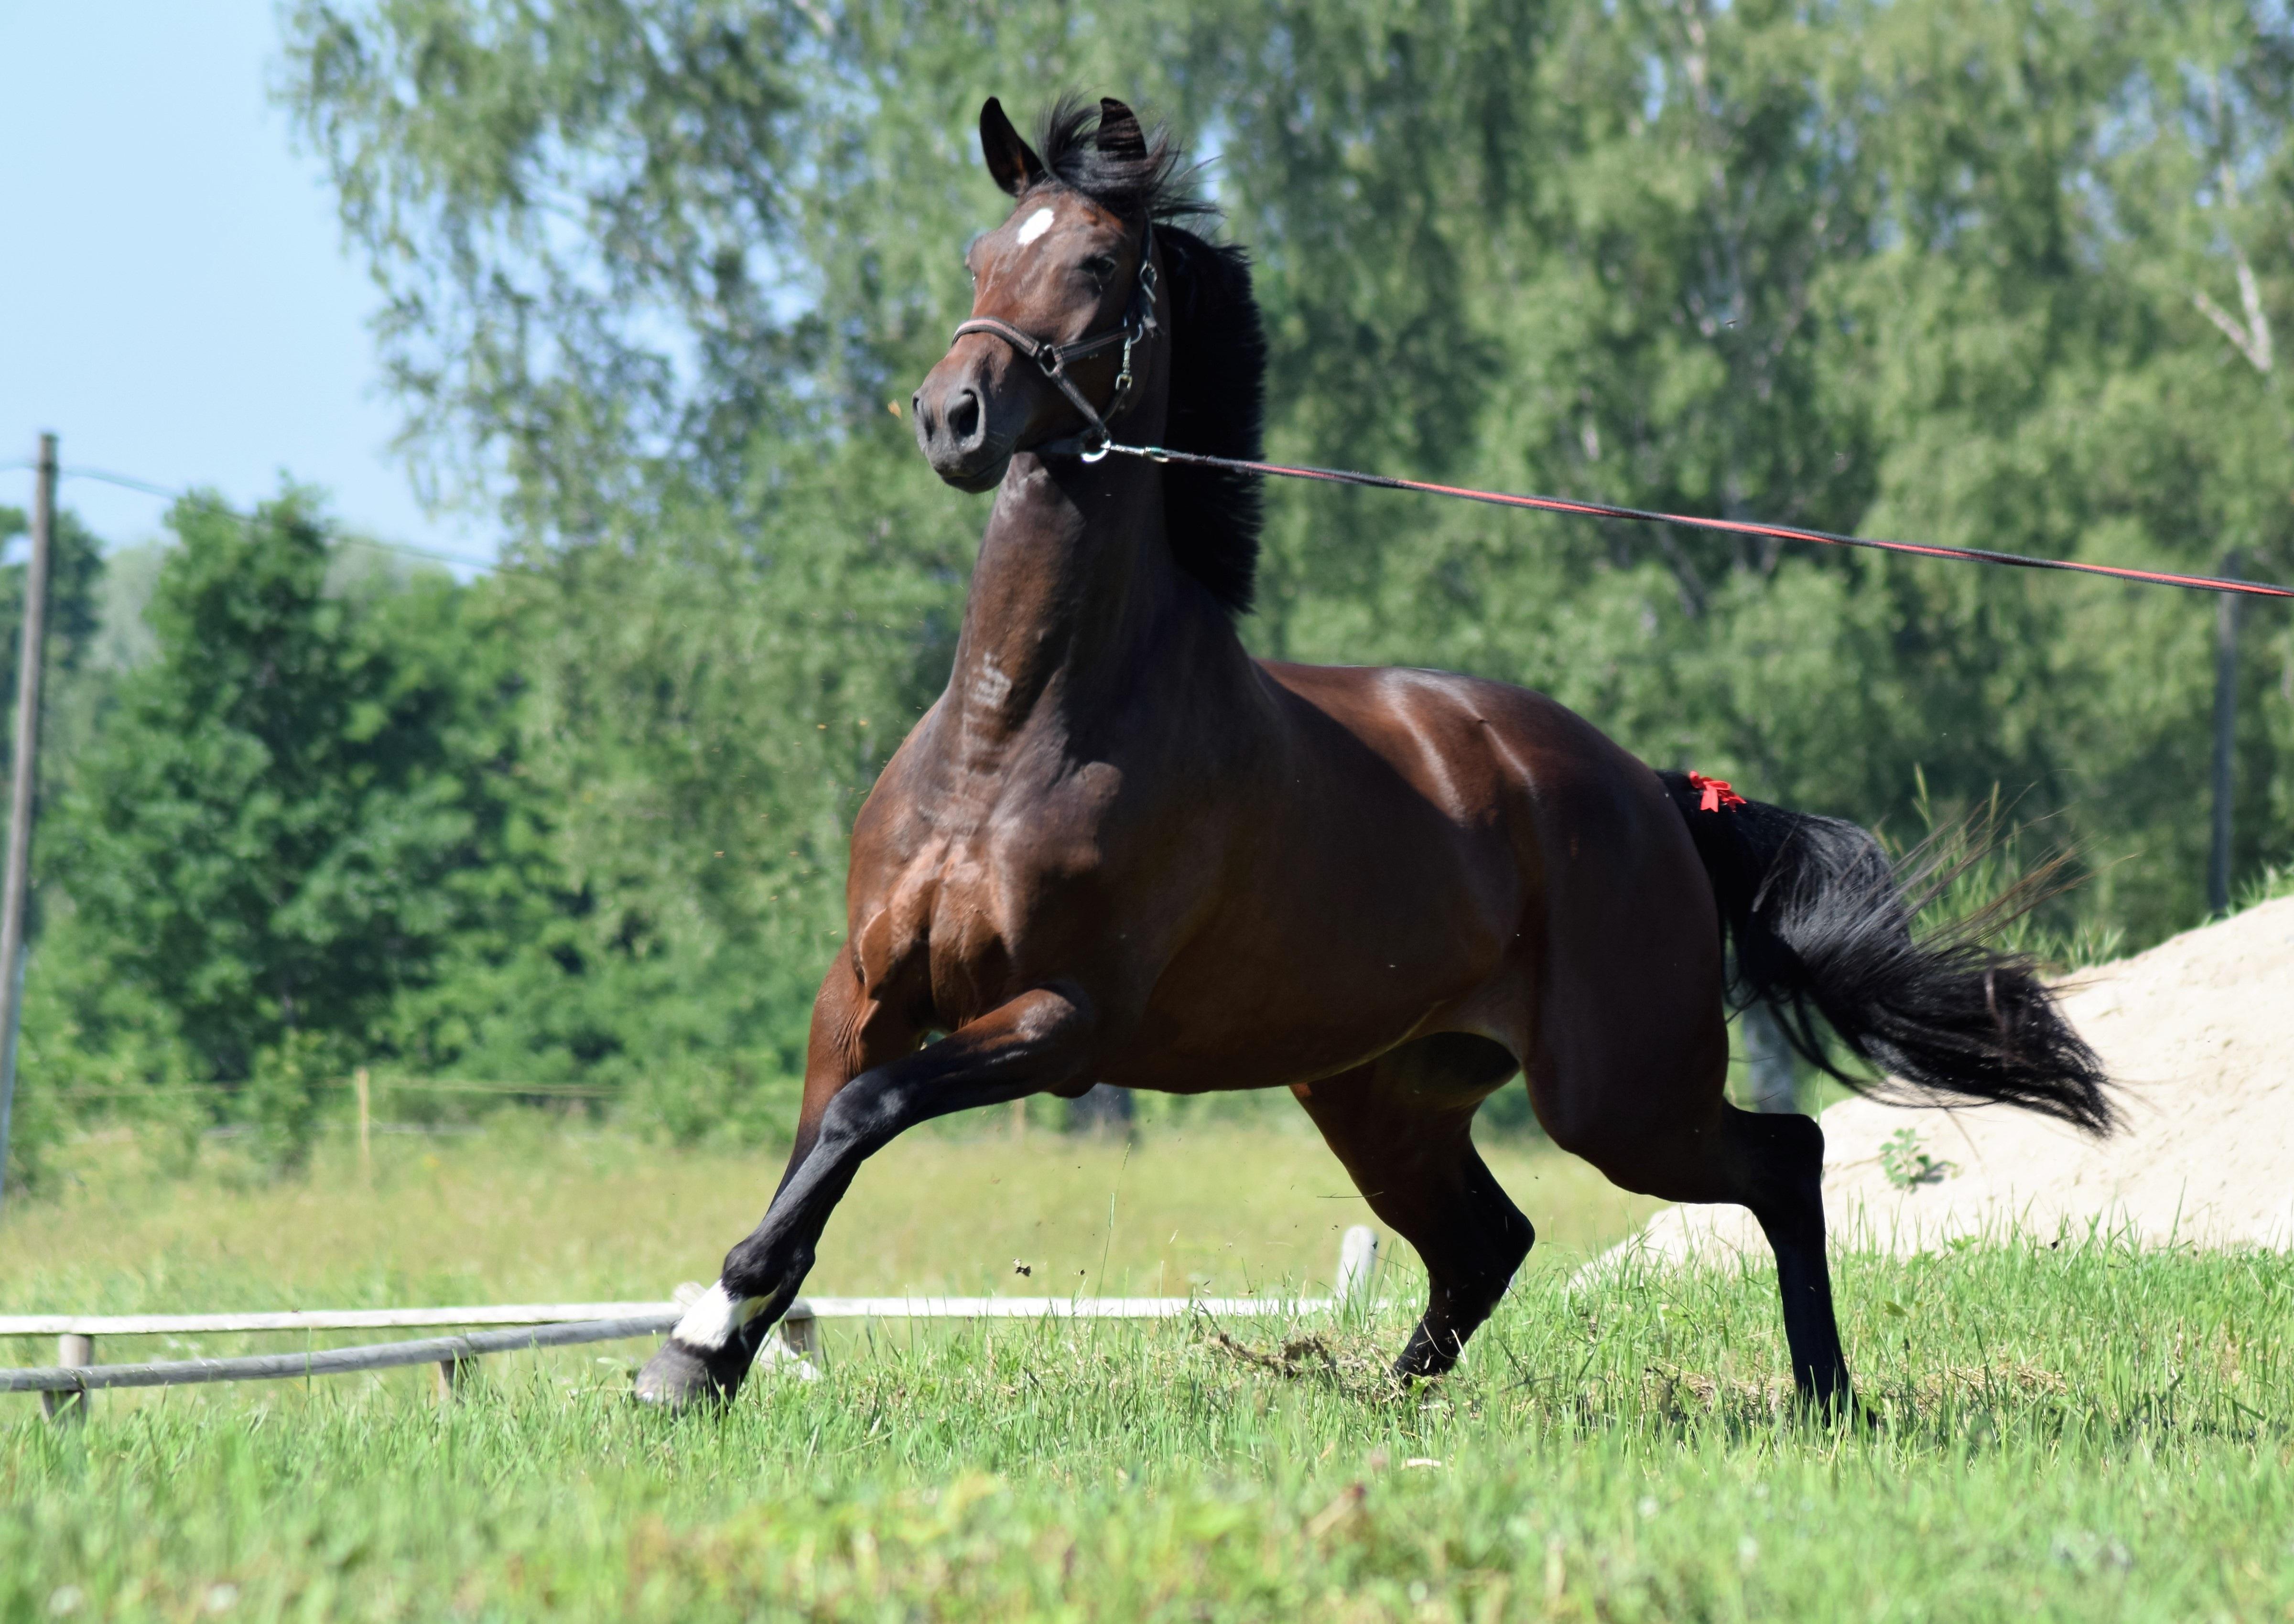 Images Gratuites : Fonctionnement, Animal, Sauvage, Pâturage, Ranch, Marron, Rêne, étalon